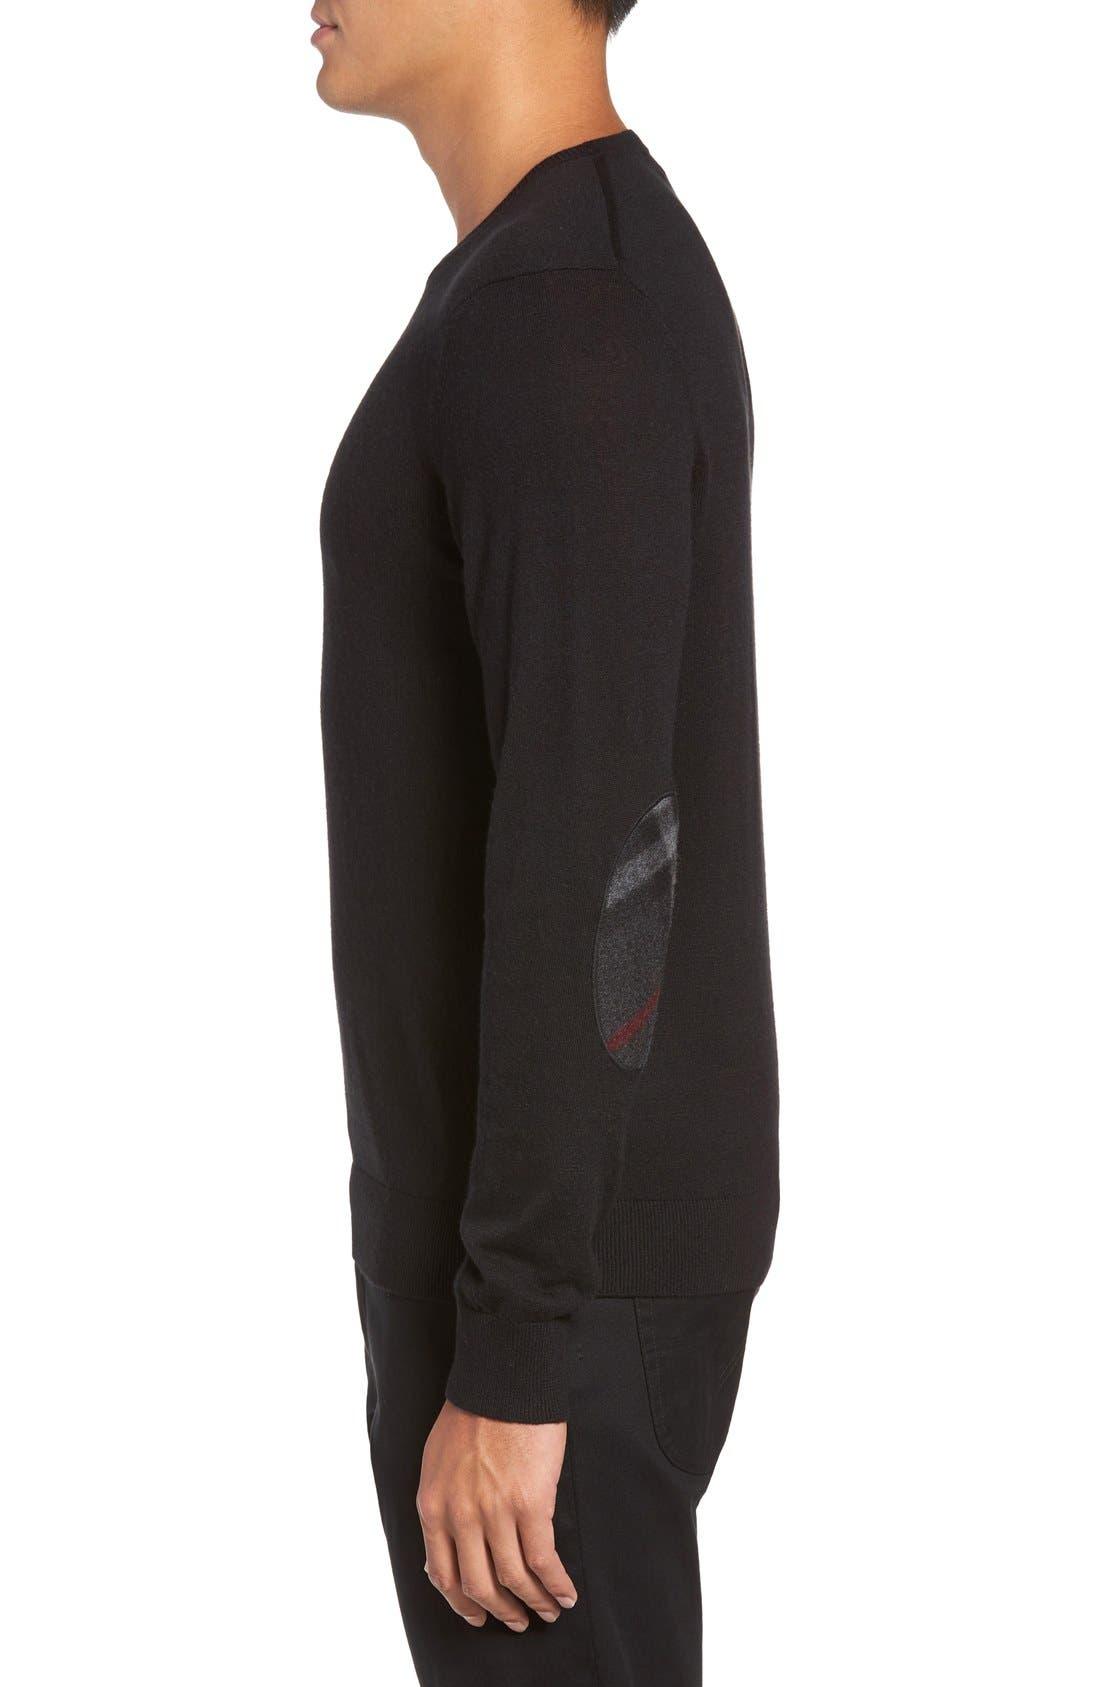 Brit Richmond Cotton & Cashmere Sweater,                             Alternate thumbnail 3, color,                             001